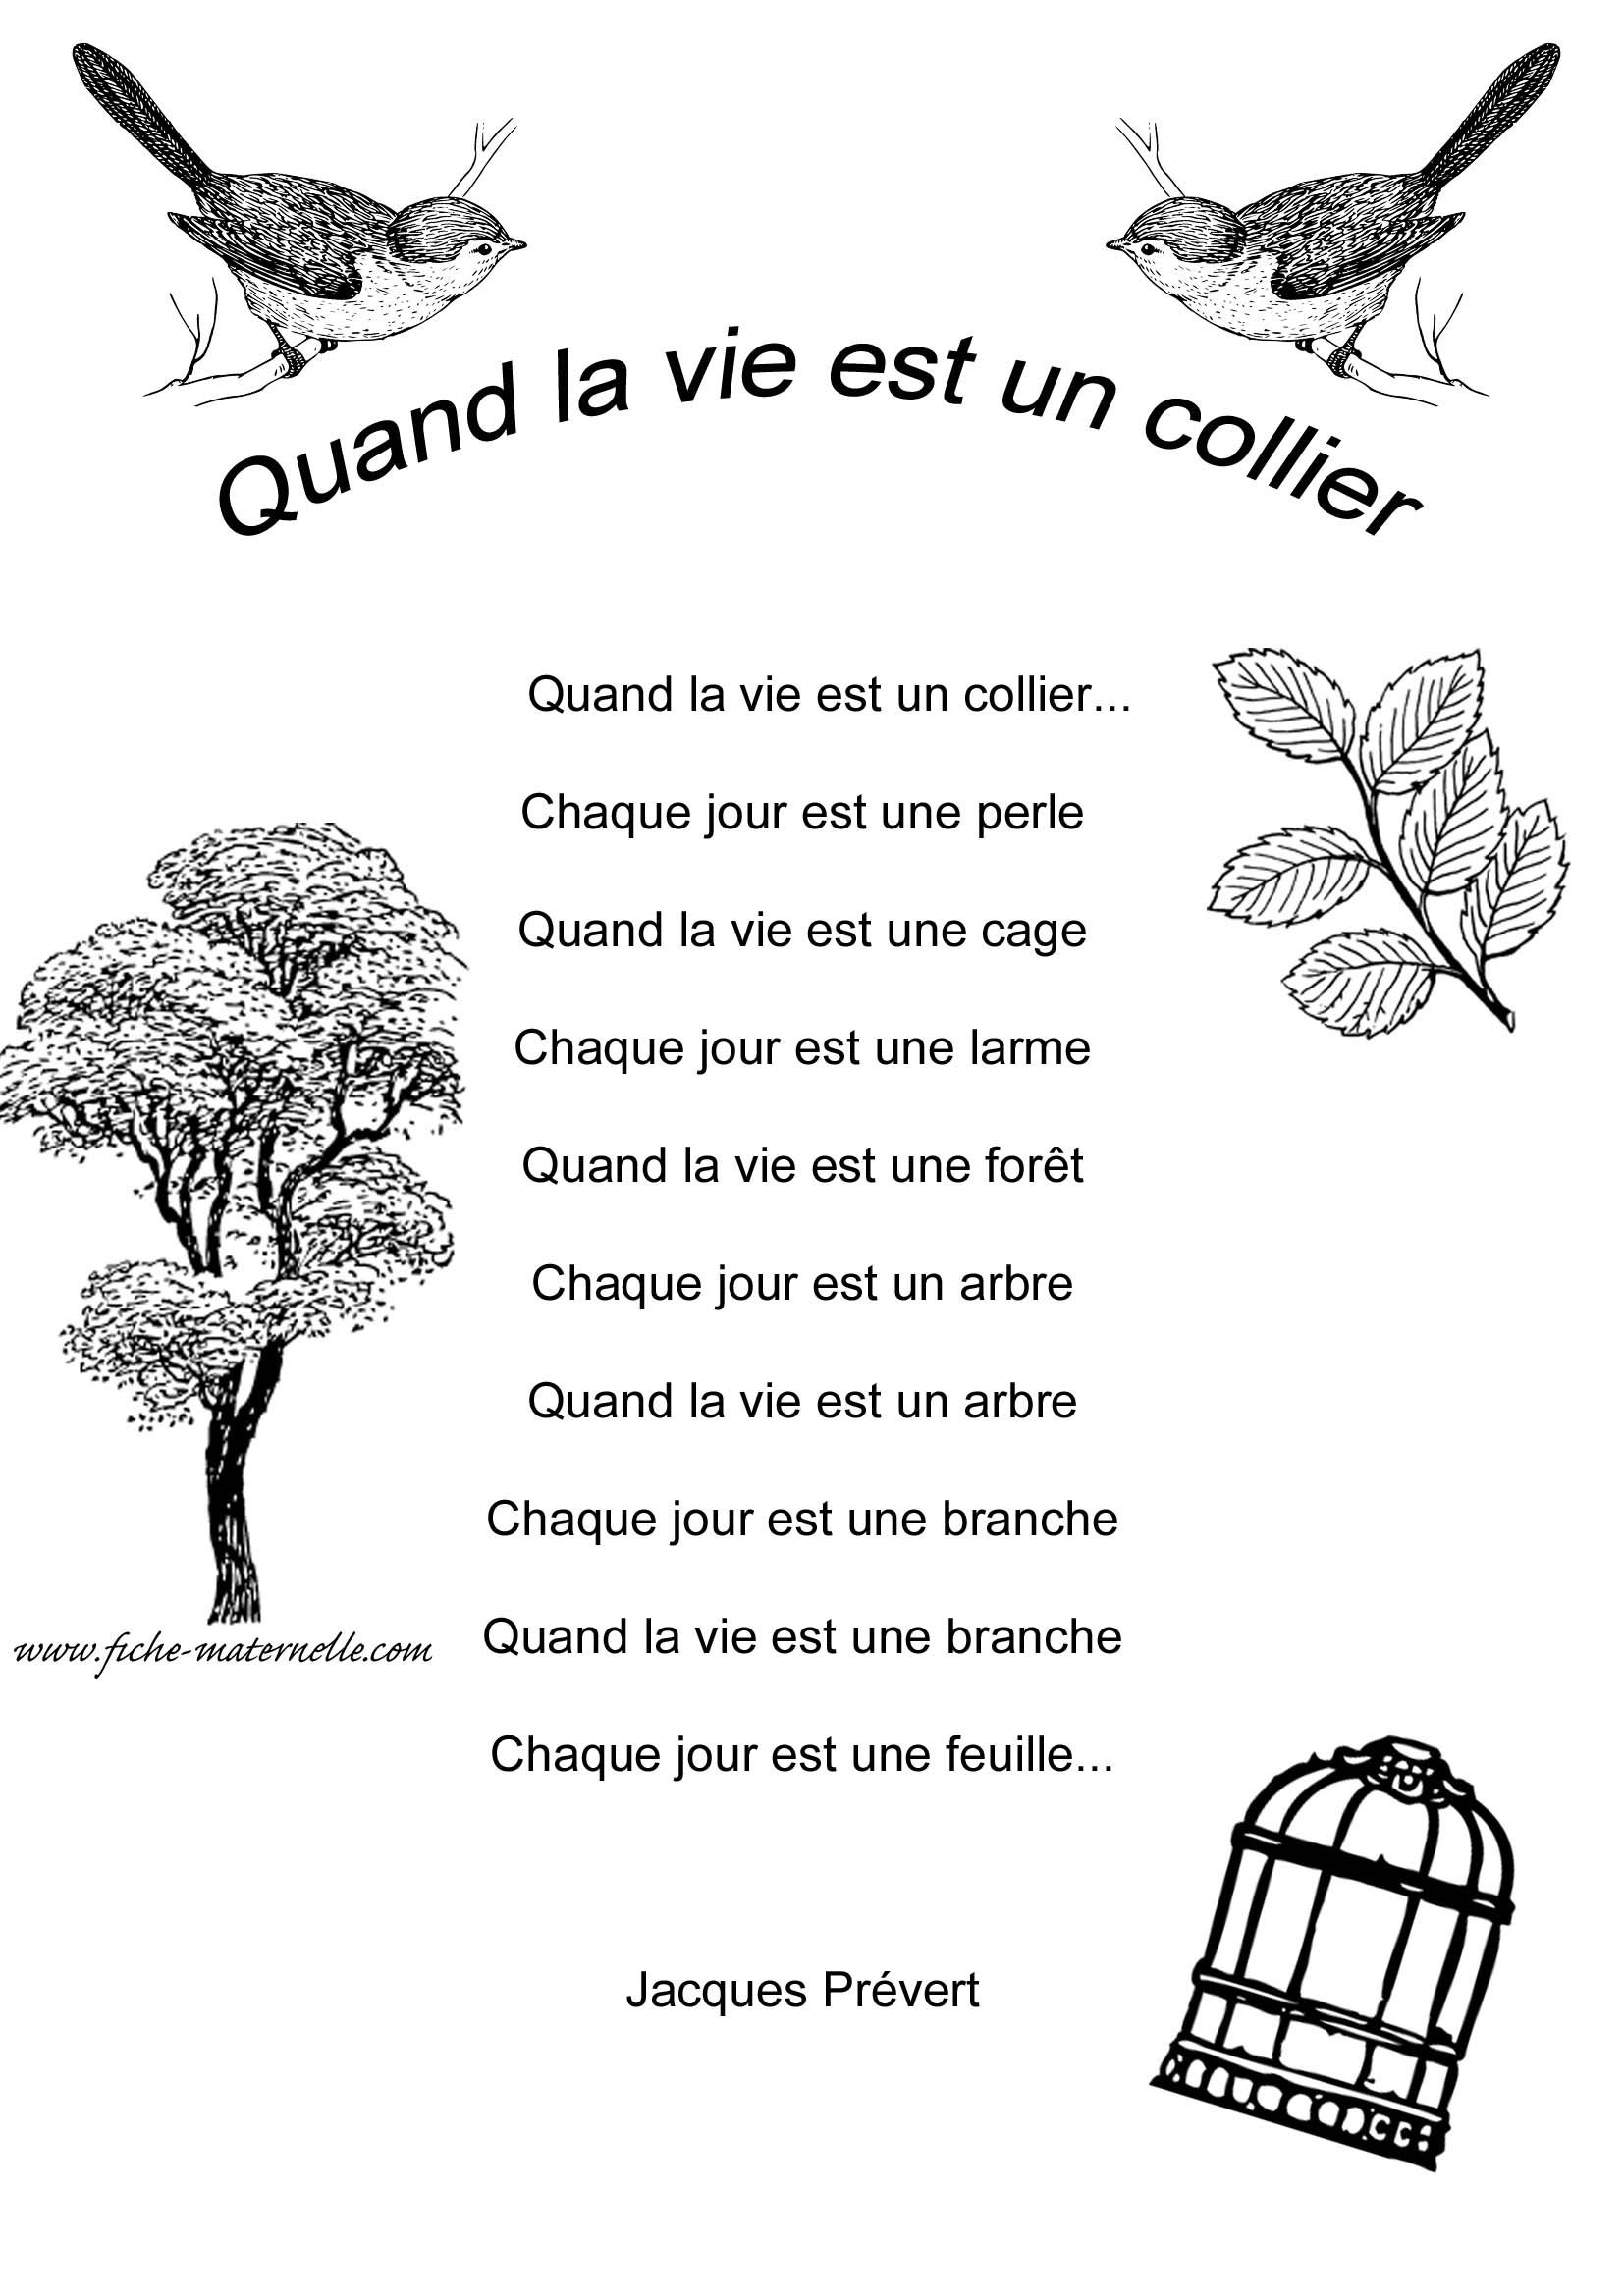 Poème Sur La Nature De Jacques Prévert : poème, nature, jacques, prévert, Poésie, Maternelle, Poeme, Francais,, Livre, Poésie,, Française